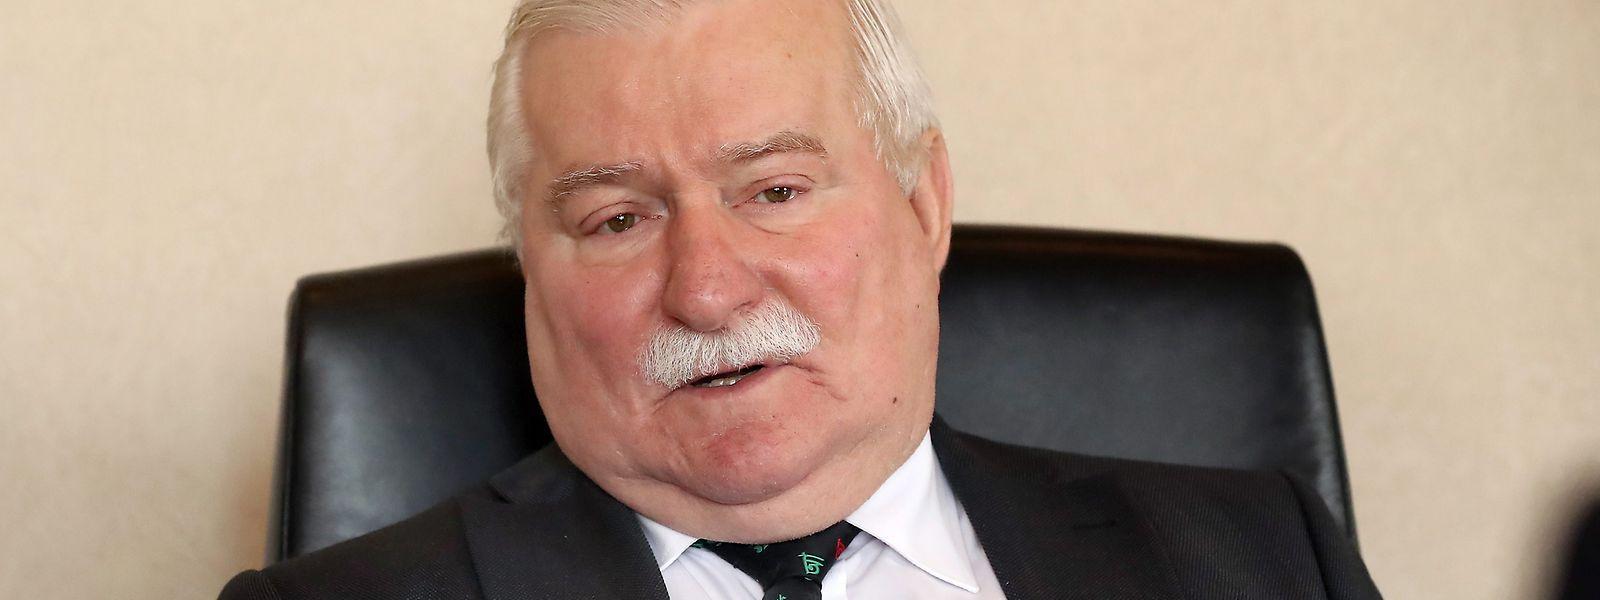 Auch der ehemalige Präsident und Friedensnobelpreisträger Lech Walesa gehört zu den Unterzeichnern des Protestbriefs.